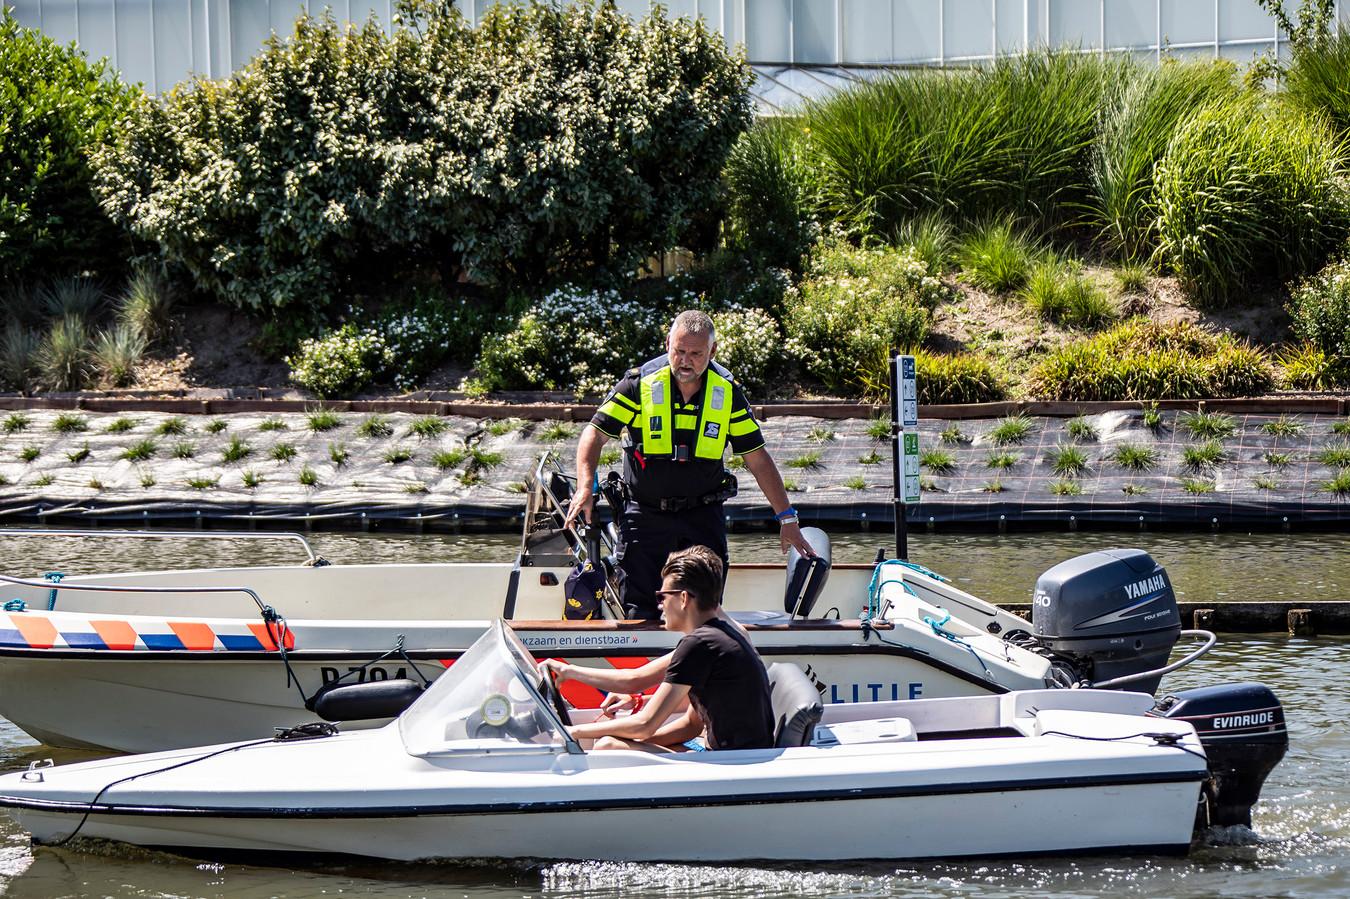 De politie schreef in het Rivierenland voor bijna 20.000 euro aan boetes uit voor overtredingen op het water.